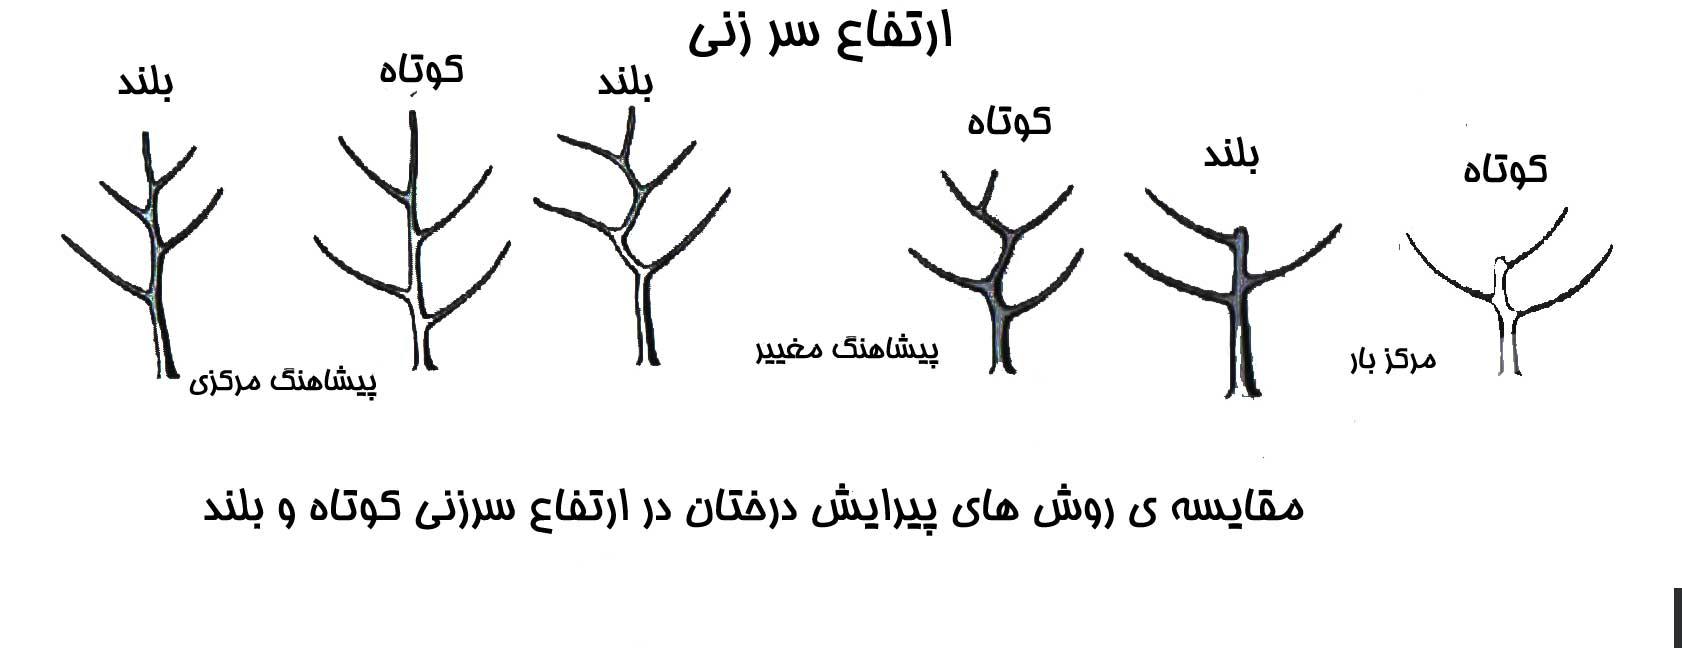 تصویر مقایسه روش های پیرایش درختان در ارتفاع سرزنی کوتاه و بلند.